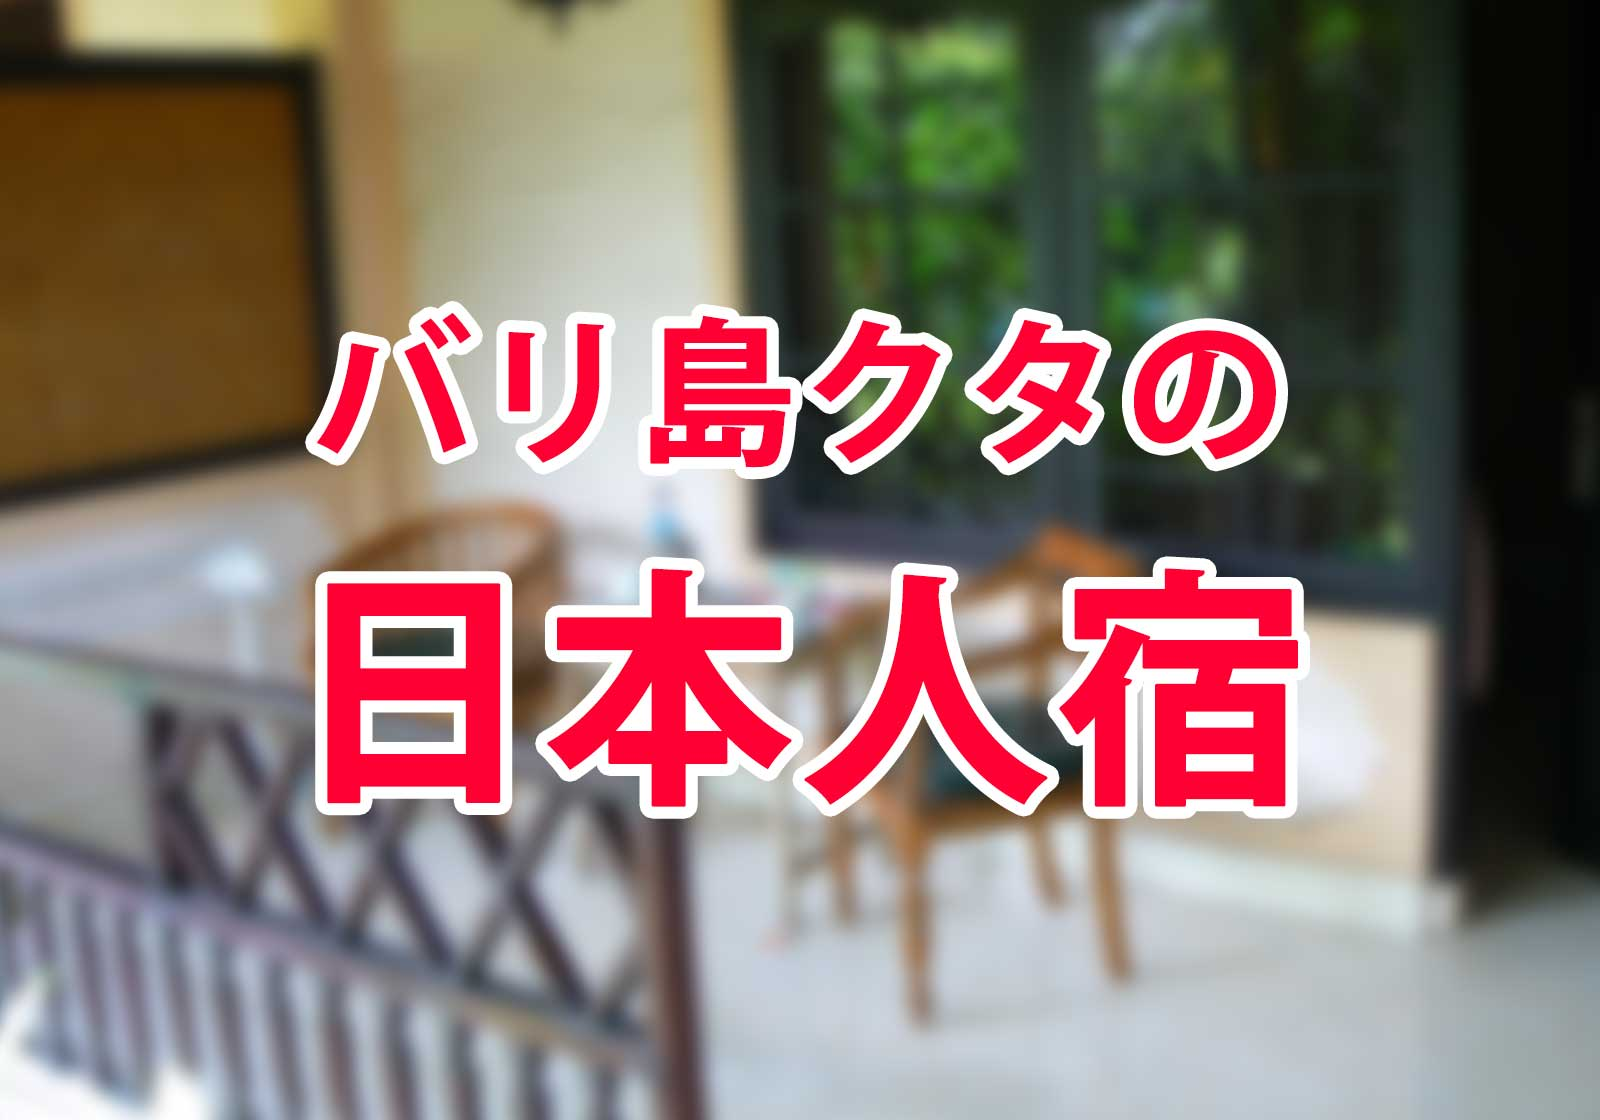 バリ島の日本人宿…というか日本人多めのゲストハウス&ホテル8選